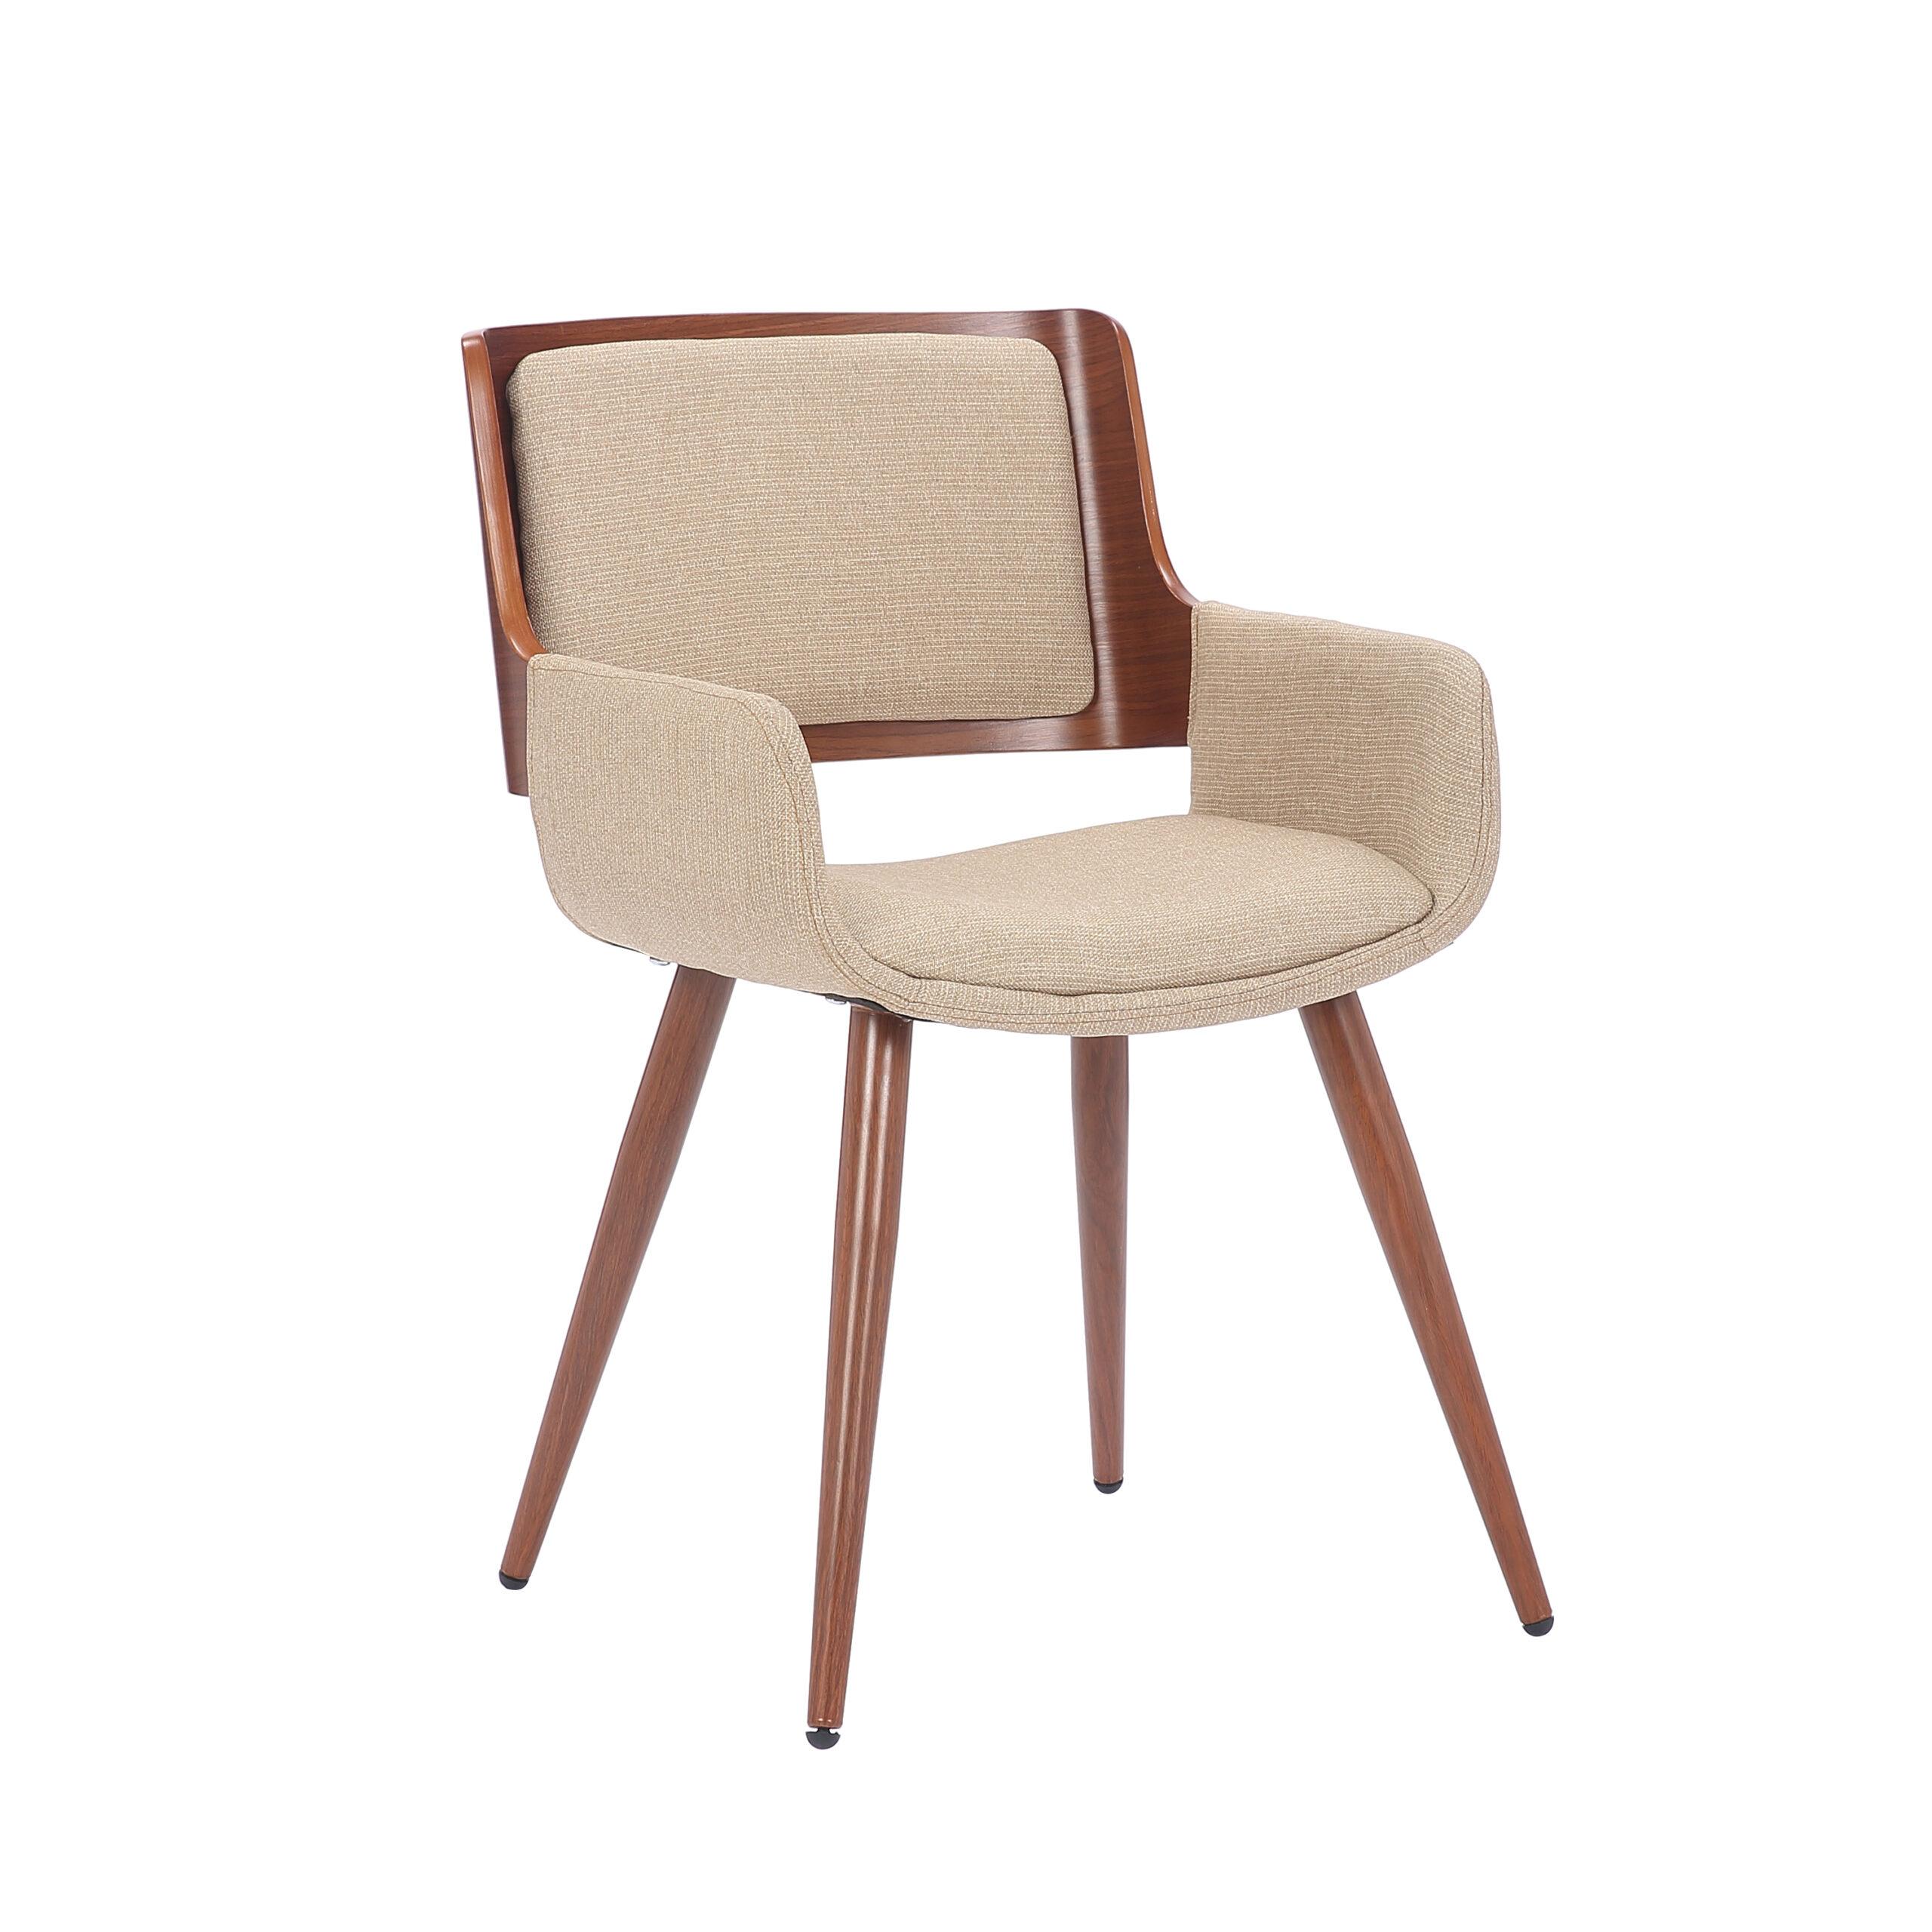 cadeira-design-exclusivo-para-venda-bavaria-linho-bege-confortavel-com-braços-base-aço-pintura-imitando-madeira-angulo-frontal